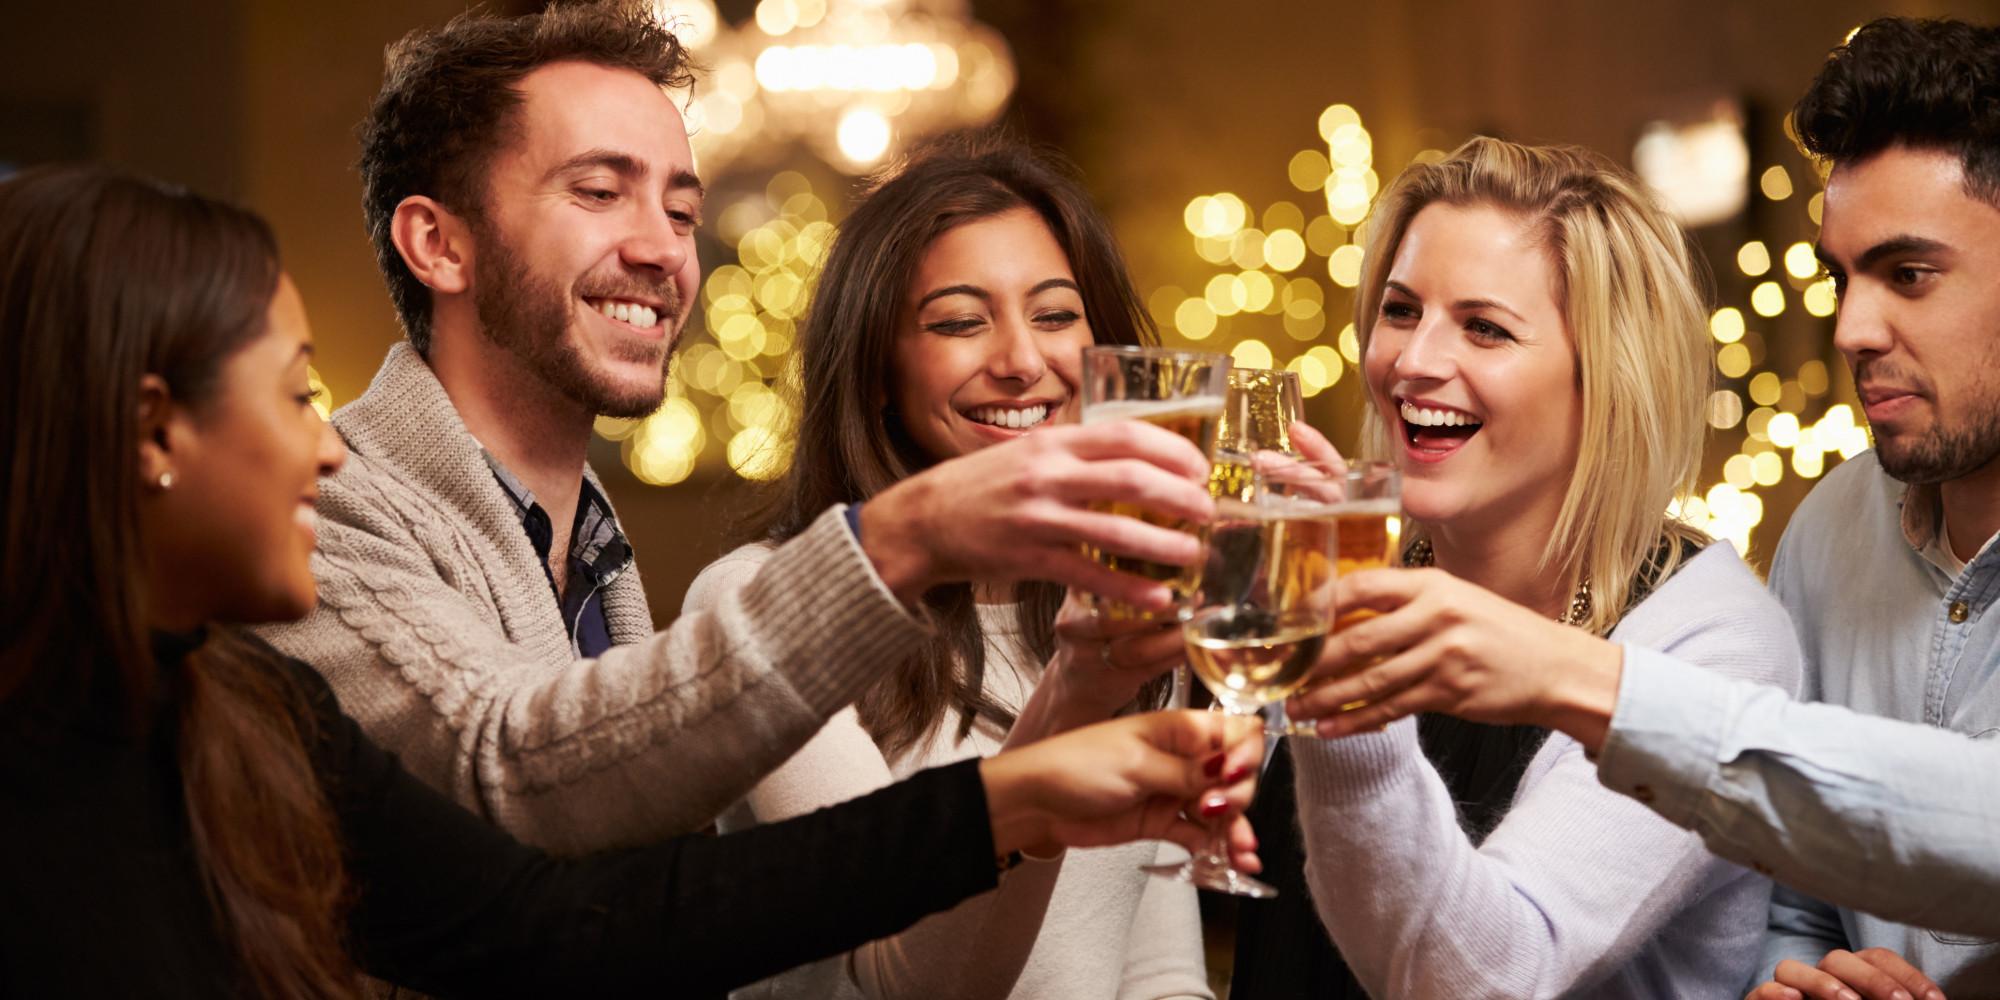 Πώς να κάνεις νέους Φίλους και να δημιουργήσεις πλούσια κοινωνική ζωή